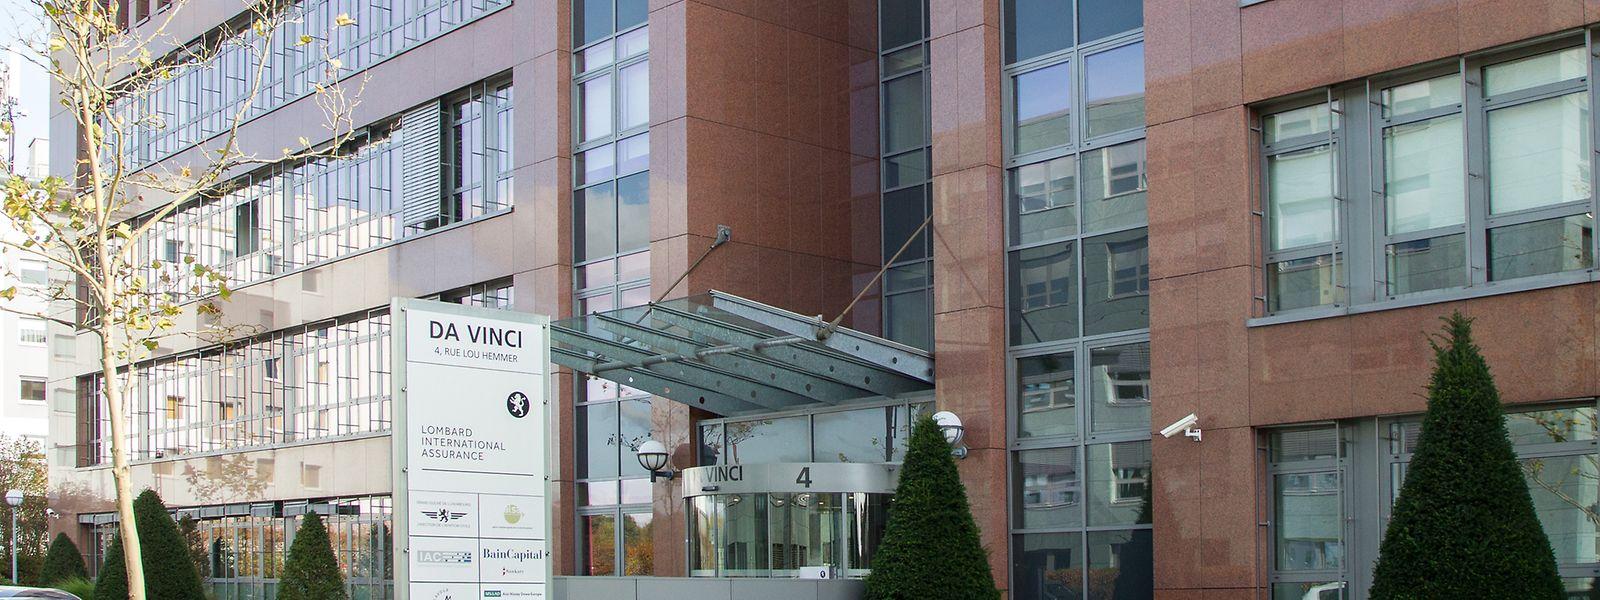 Lombard International Assurance steigerte letztes Jahr die Prämieneinnahmen auf 4,3 Milliarden Euro.